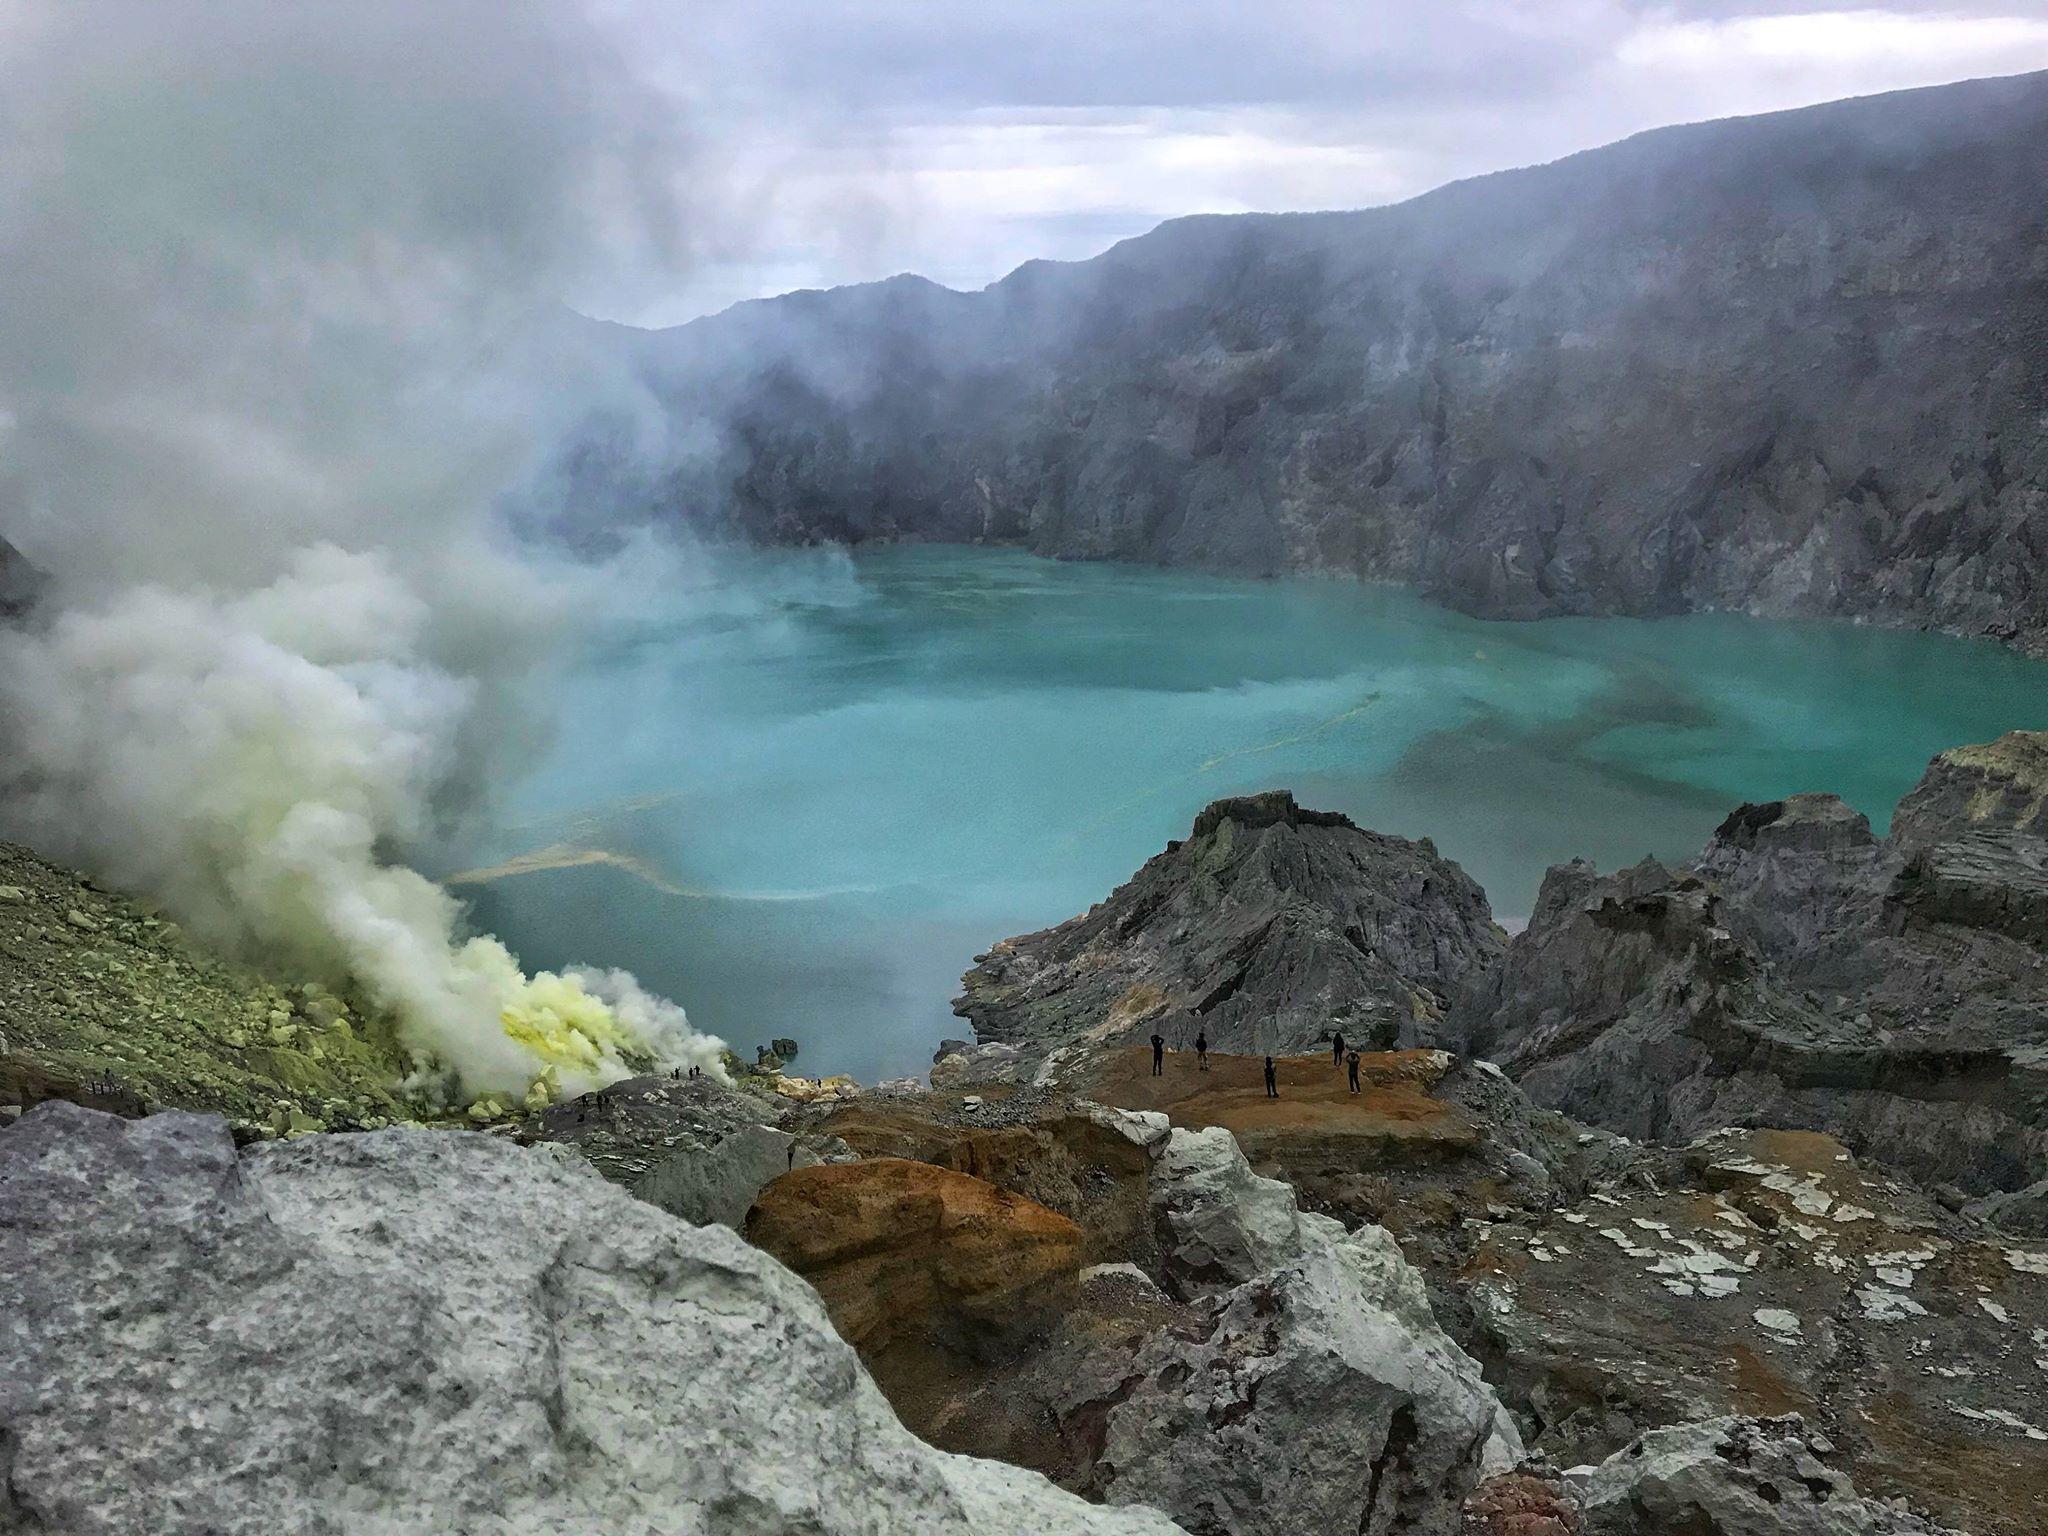 Запахло серой: ночной подъем на вулкан Иджен на острове Ява